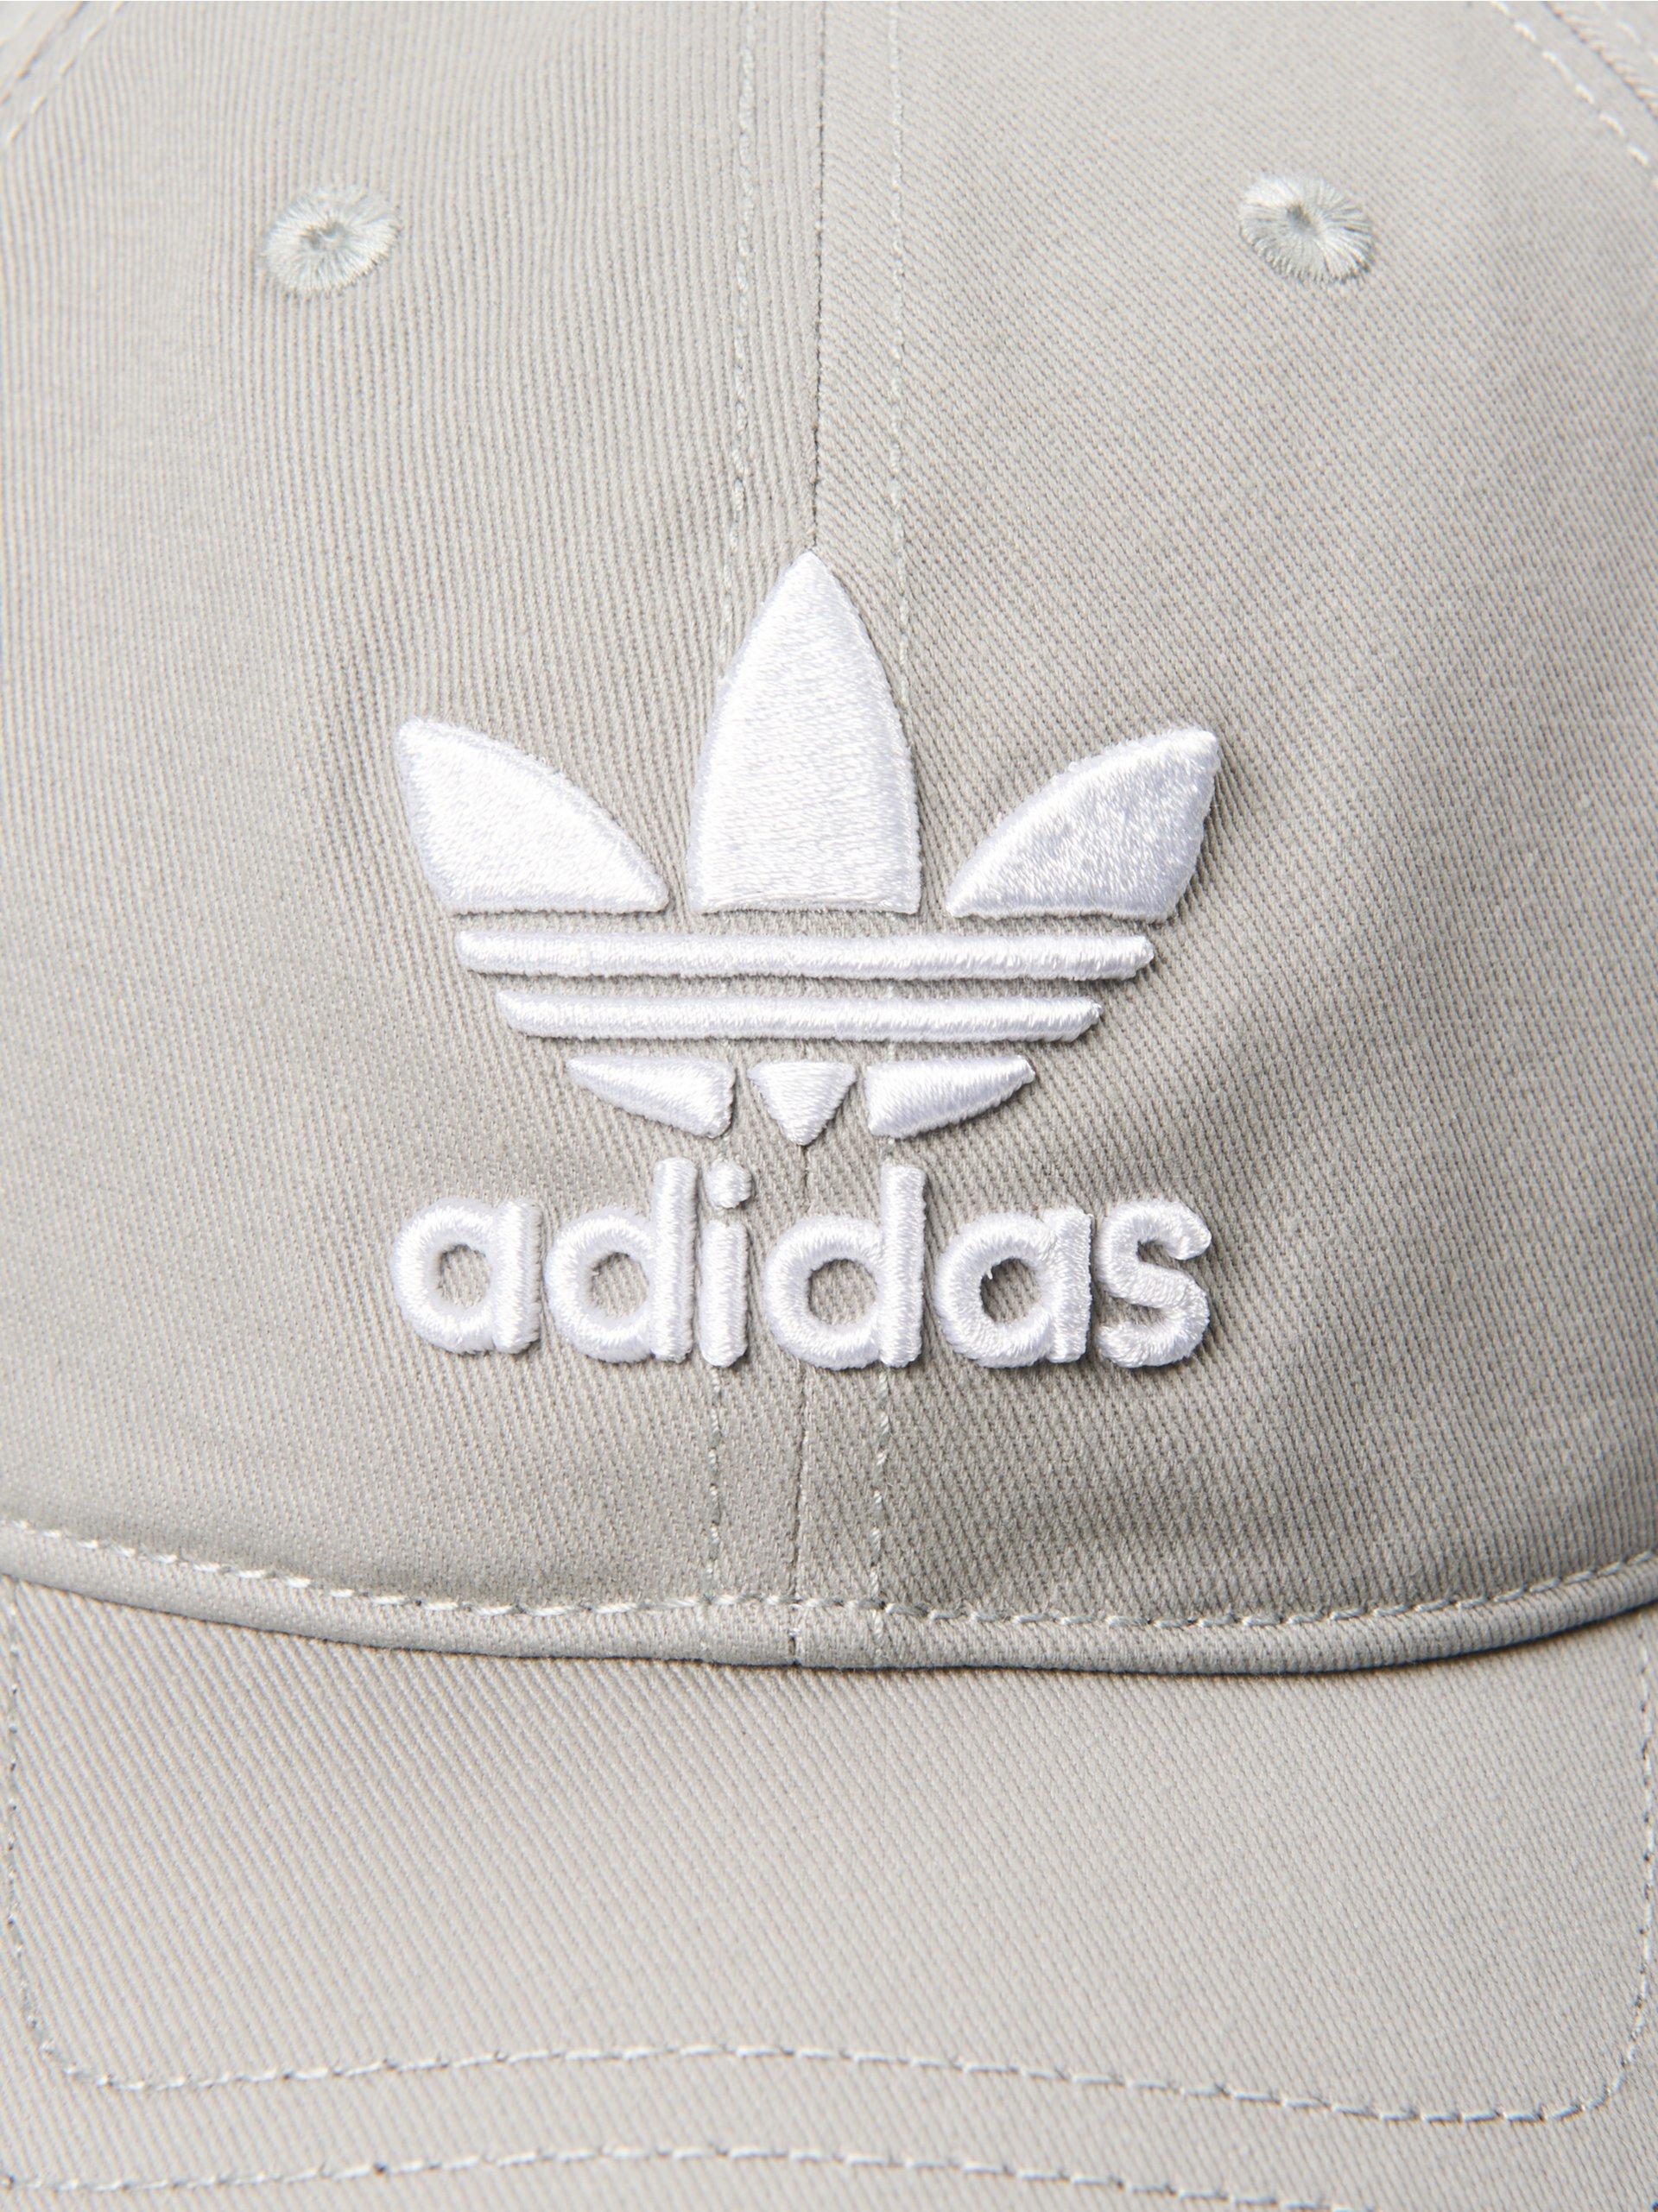 adidas Originals Herren Cap - Trefoil